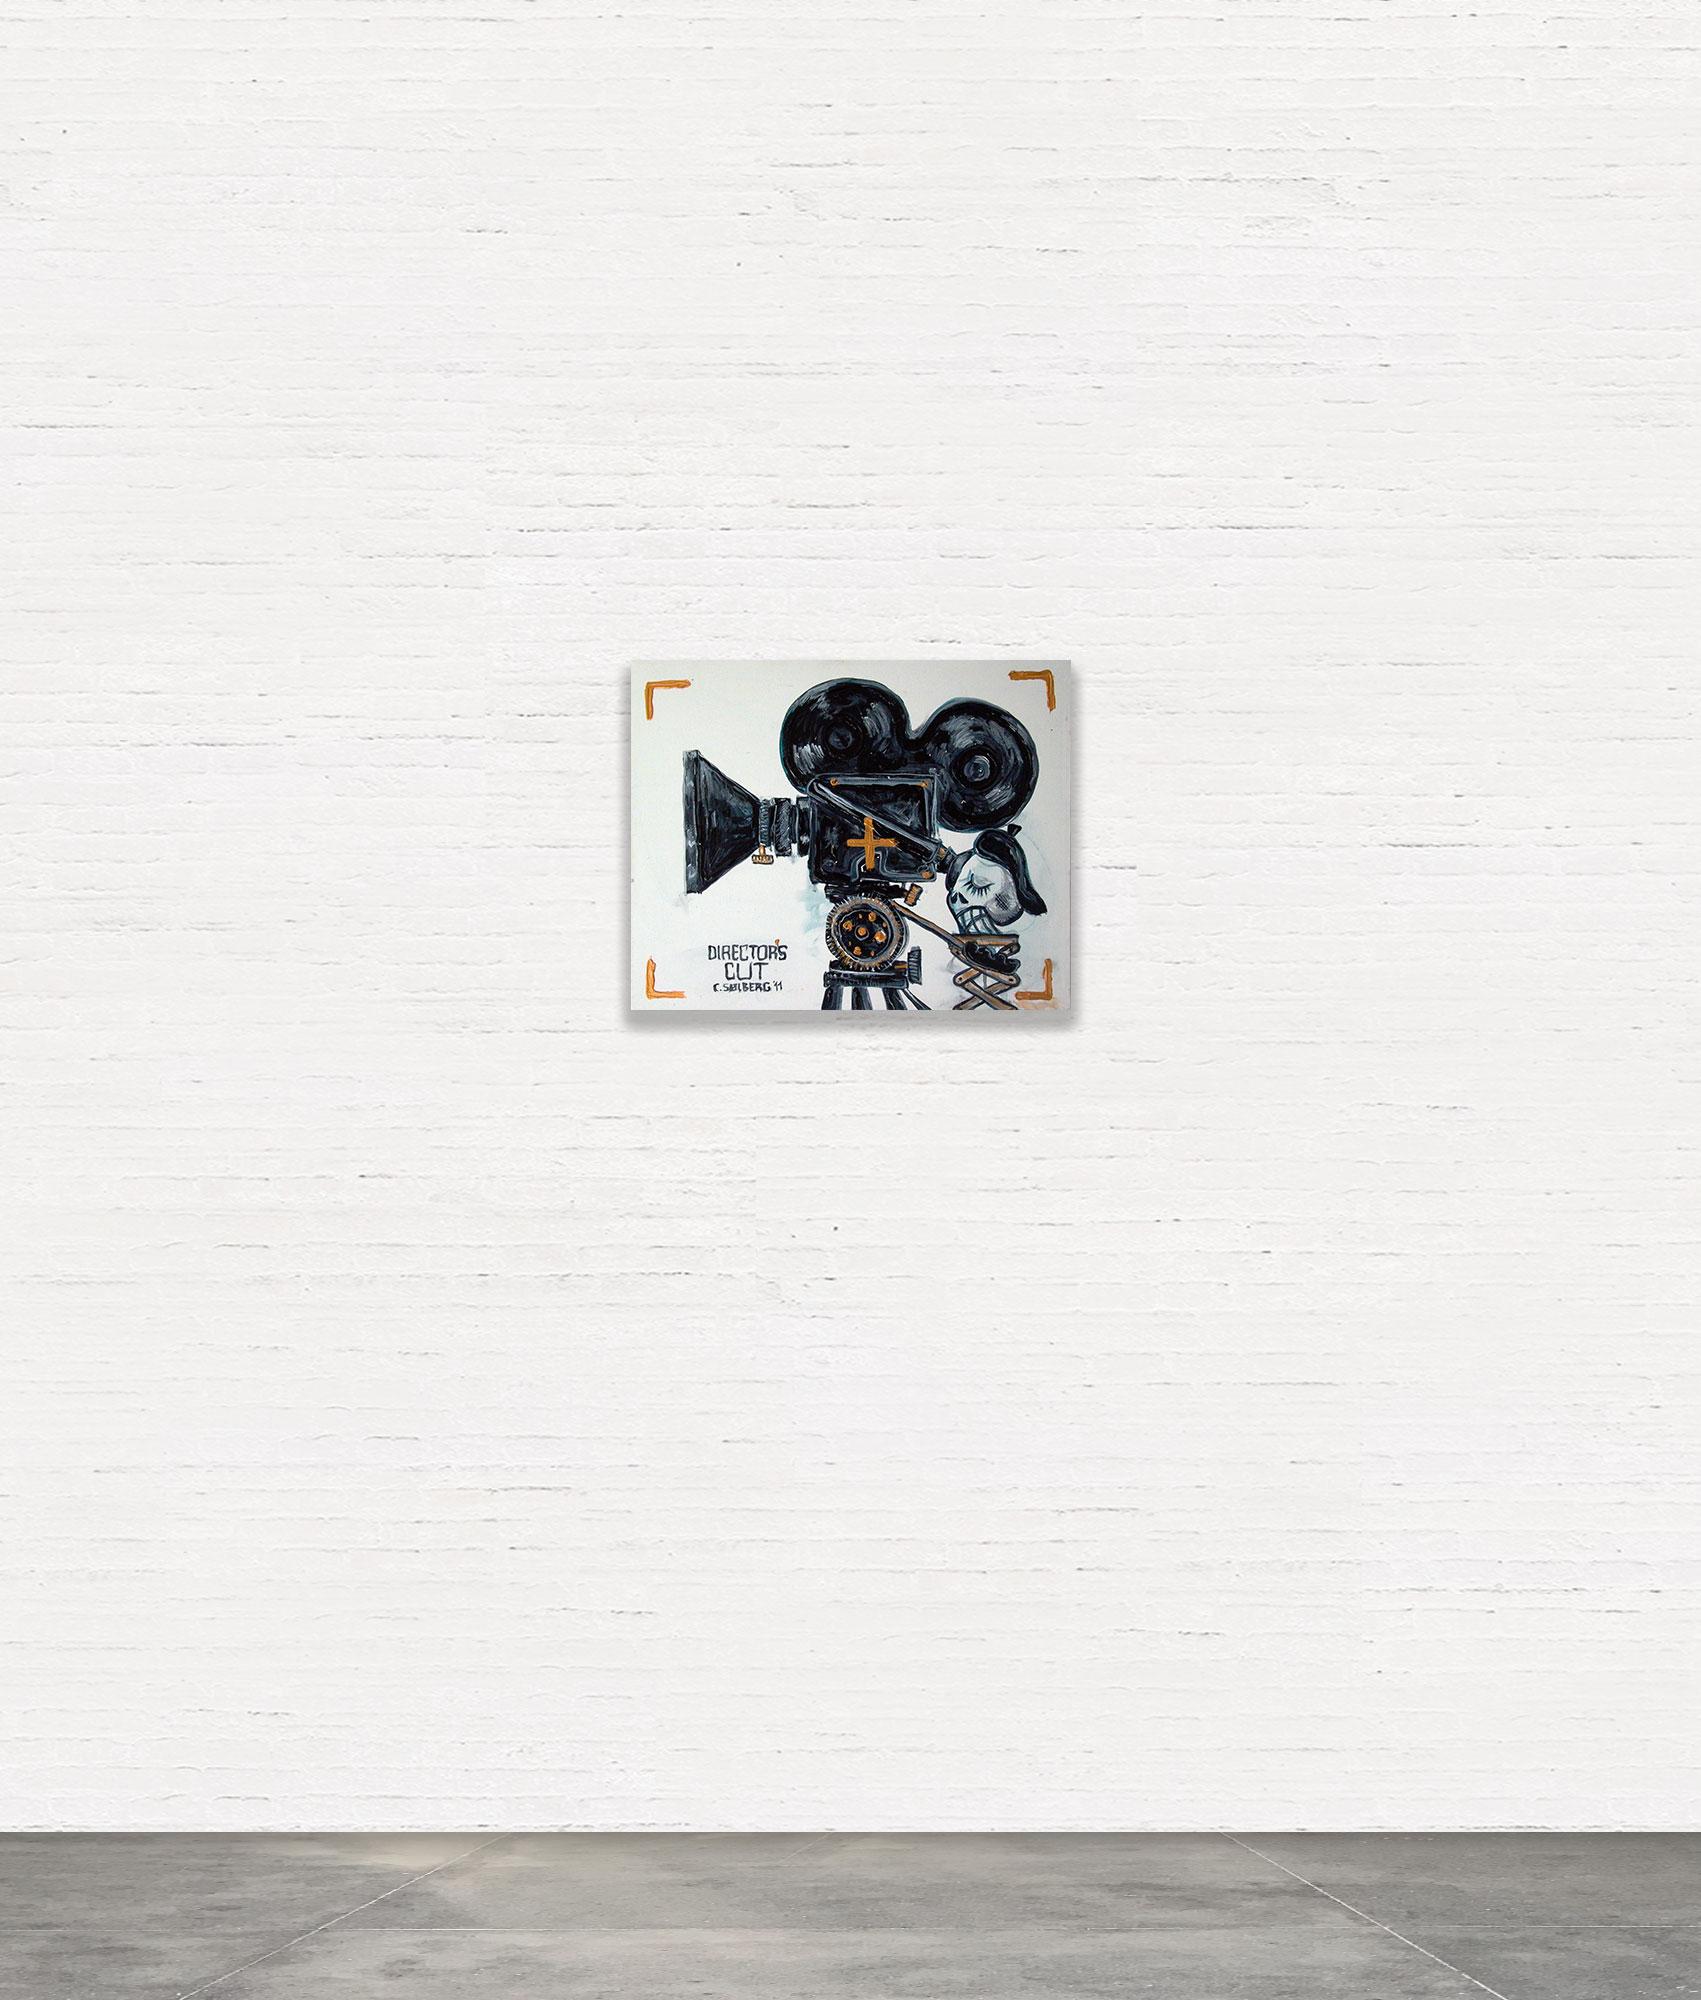 Casper_Soelberg_paintings_DirectorsCut.jpg